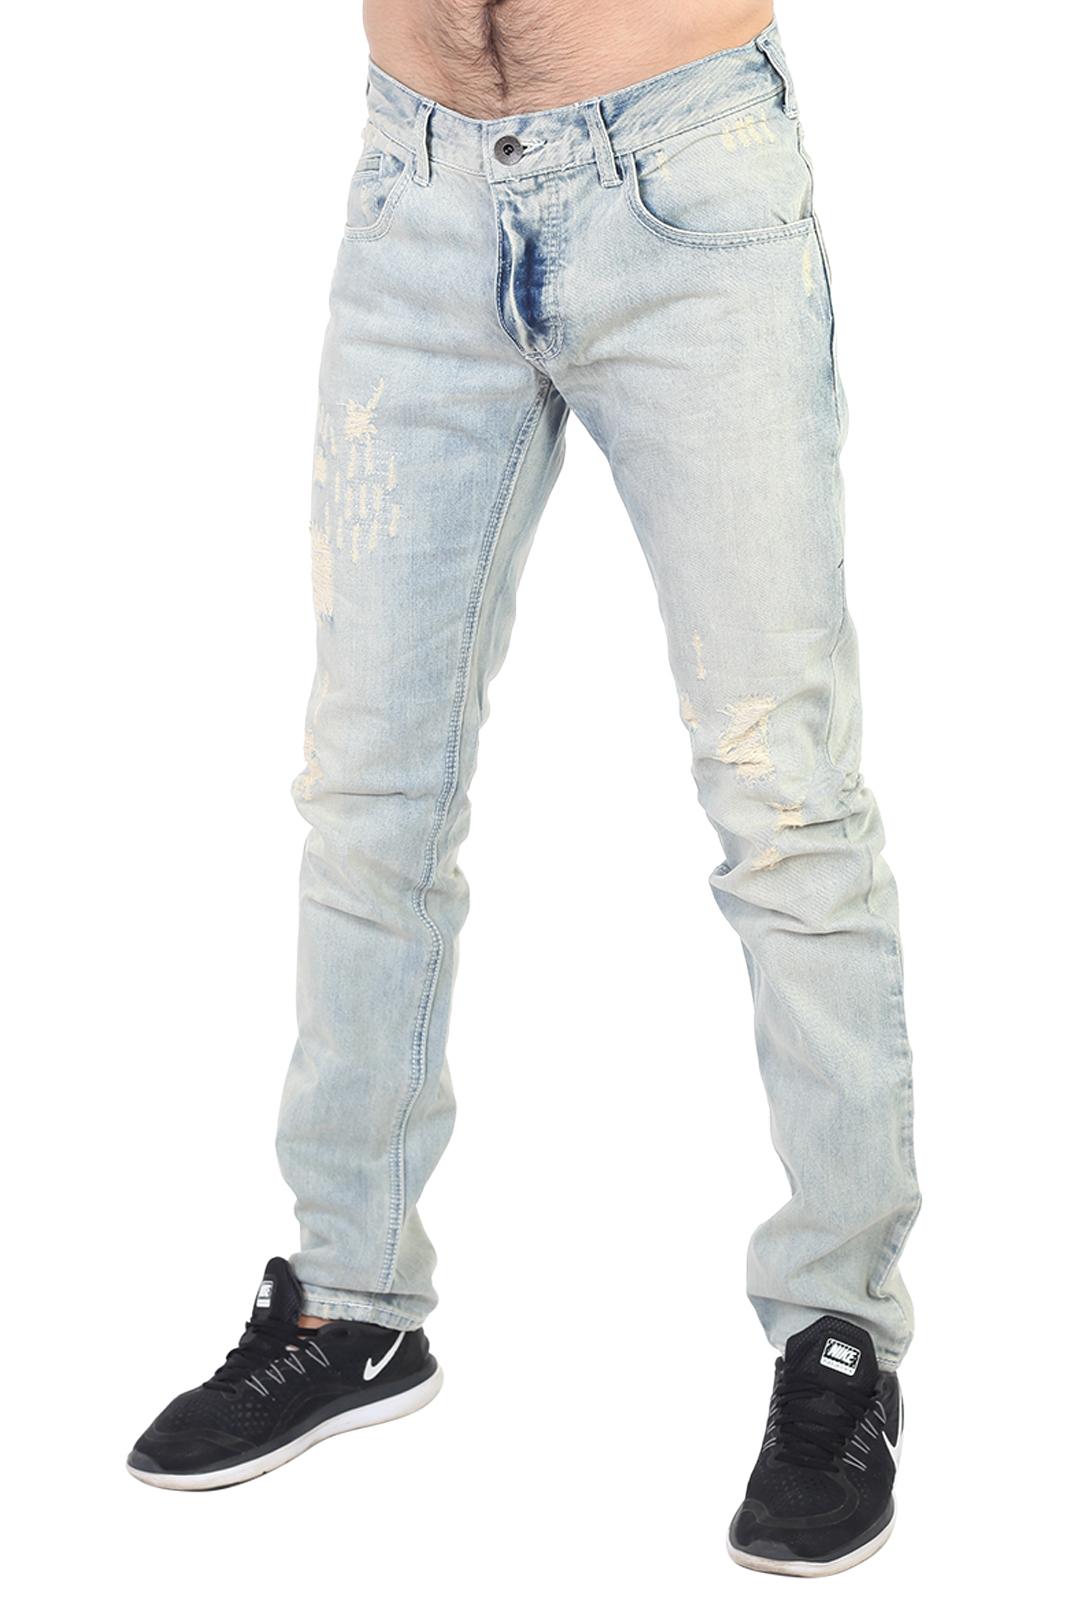 Купить в Москве мужские клубные джинсы с потертостями